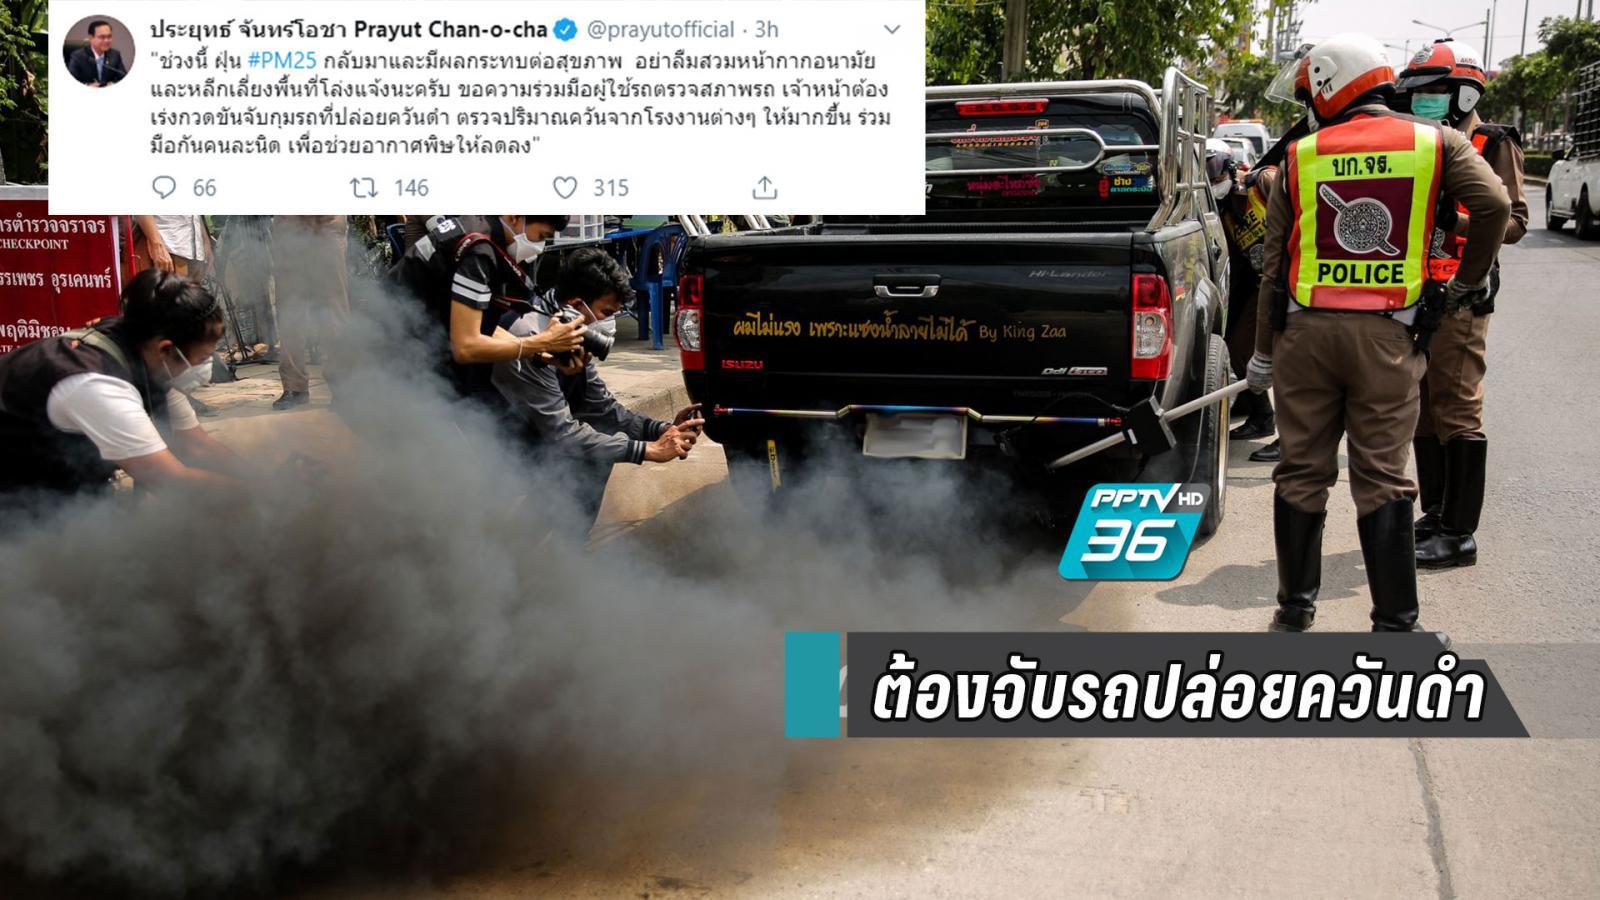 นายกฯ สั่งเร่งจับรถปล่อยควันดำ ทำค่าฝุ่น PM 2.5 พุ่ง